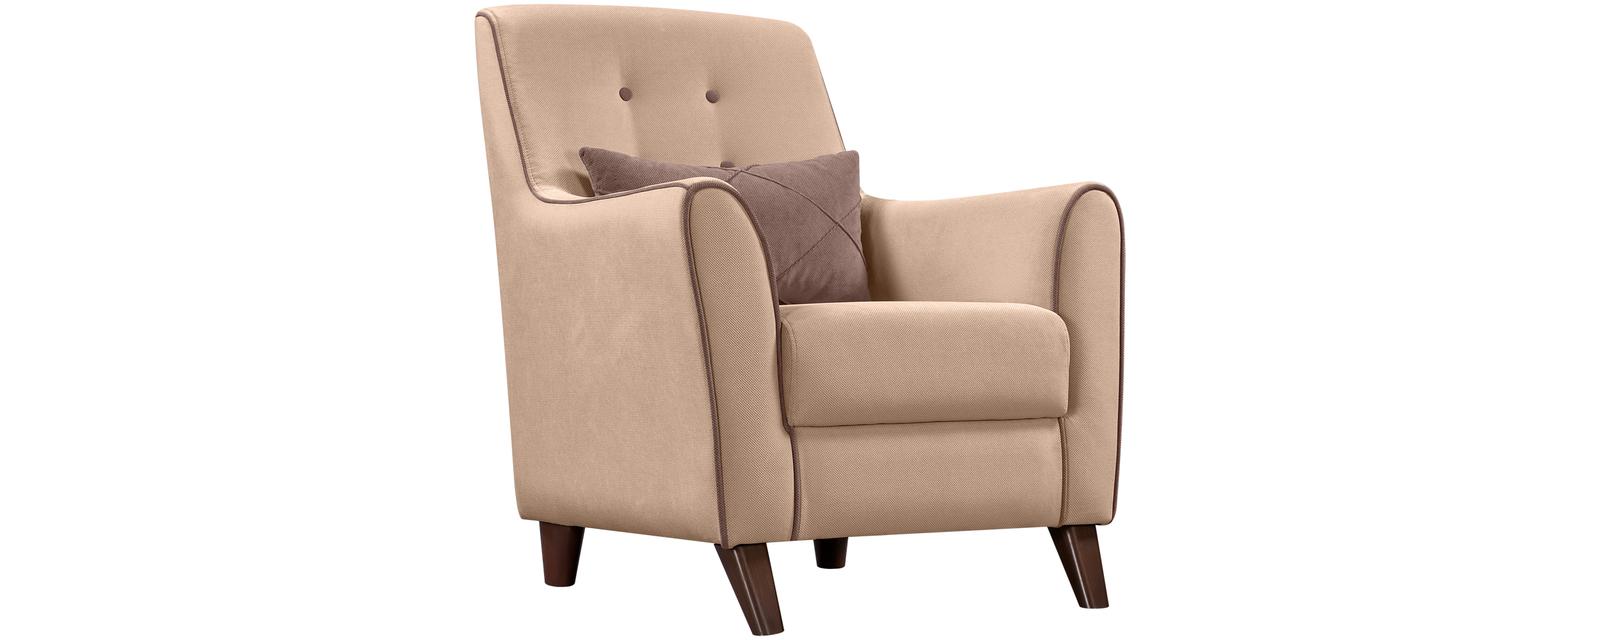 Кресло тканевое Френсис Velure бежевый/коричневая подушка